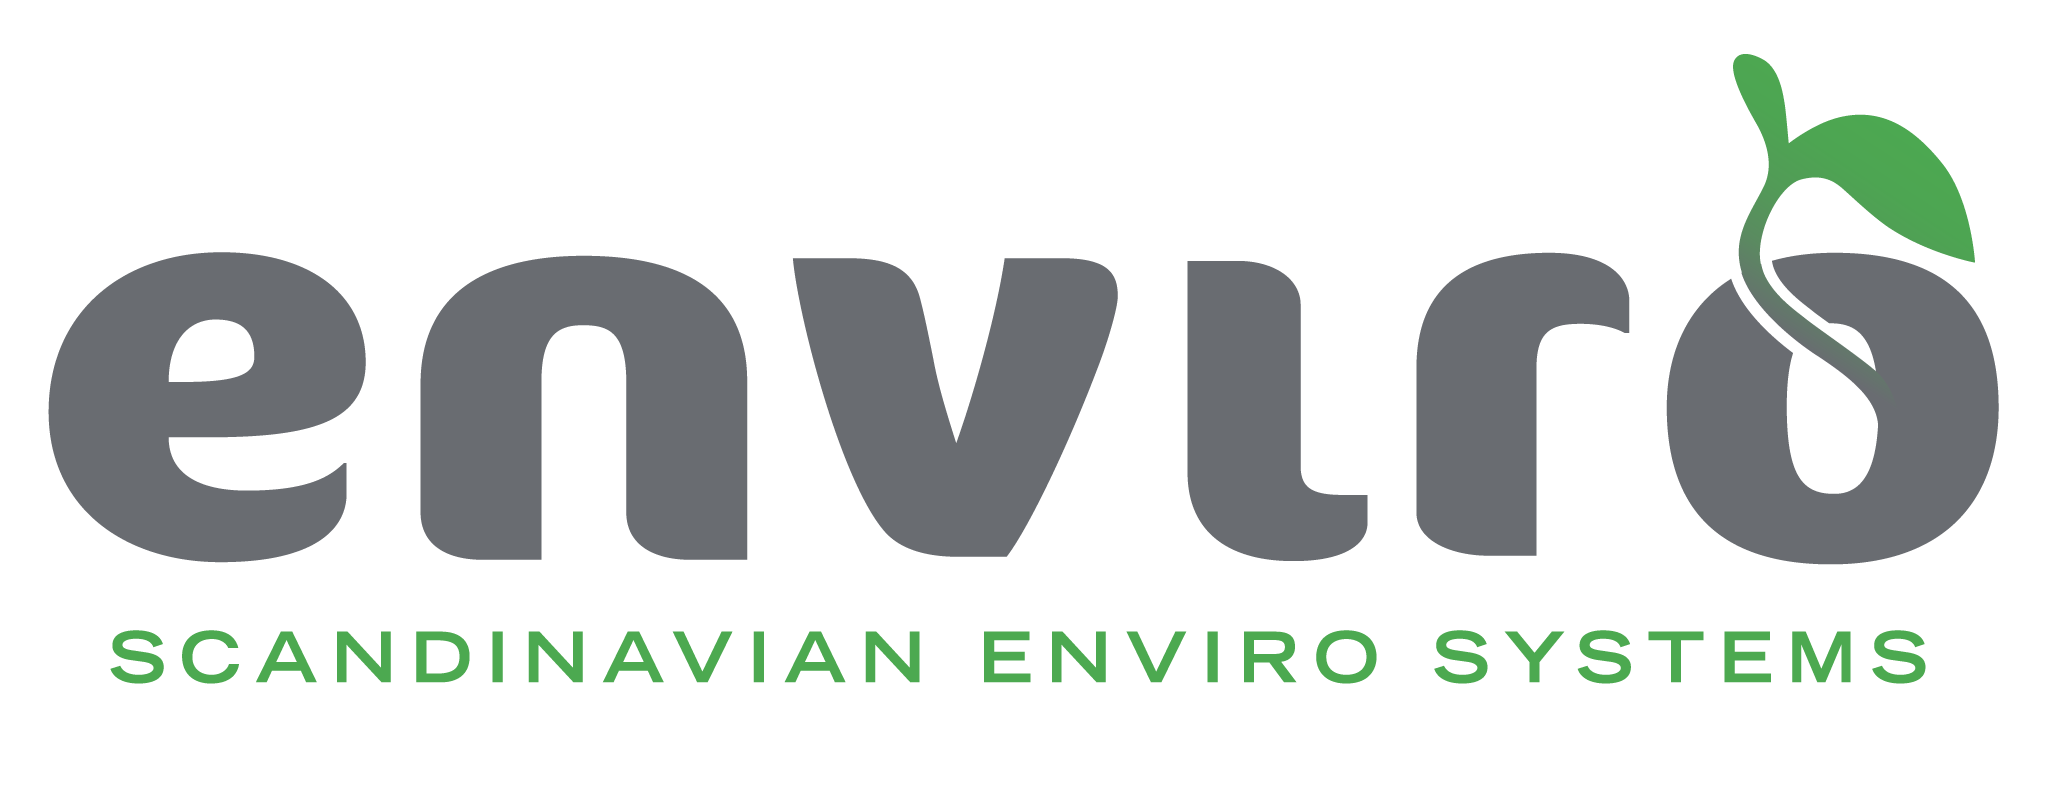 Enviro logotype